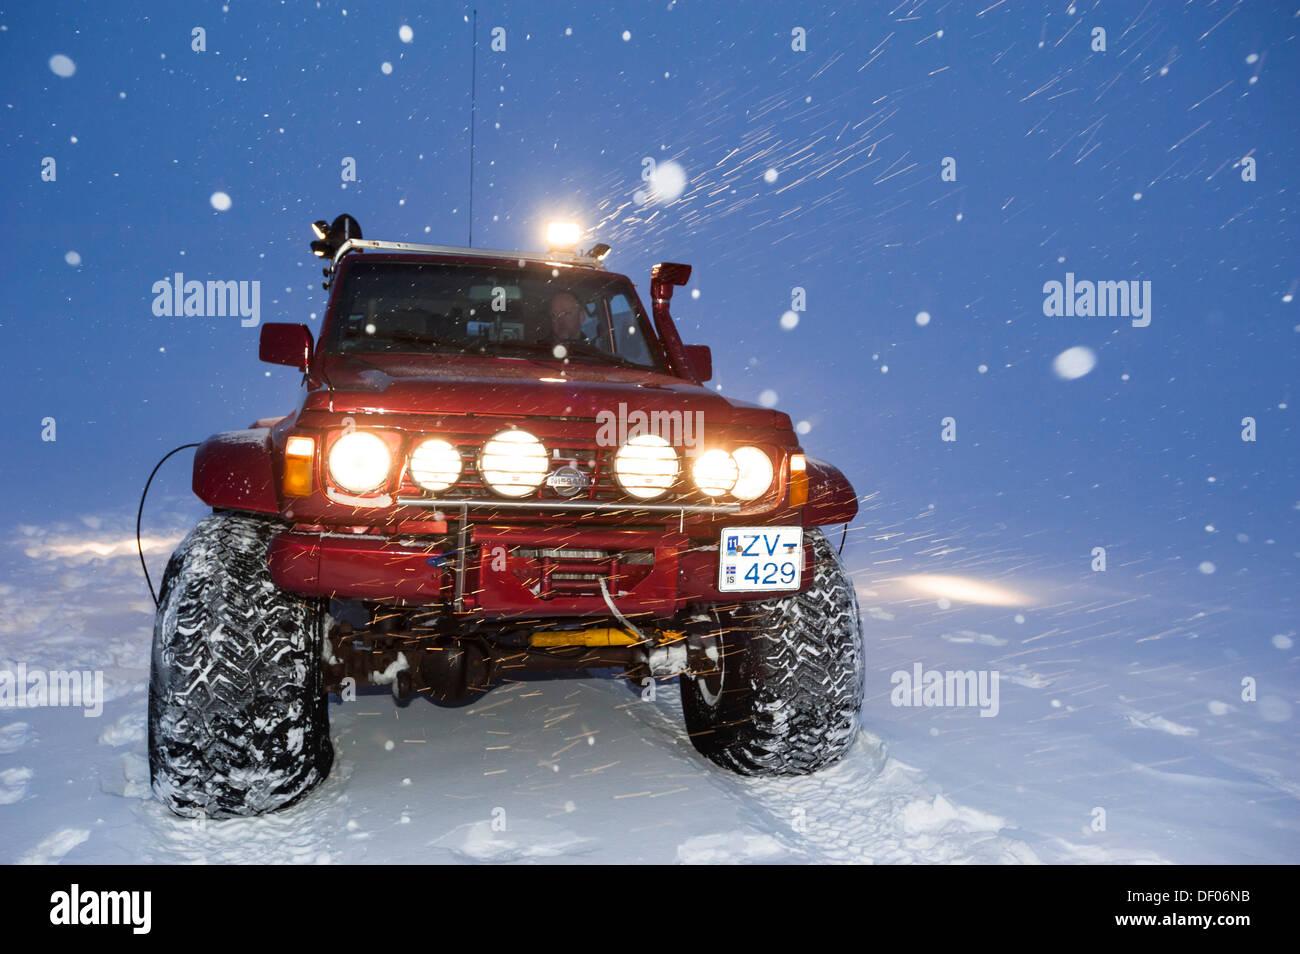 Super Jeep in una tempesta di neve, il paesaggio invernale, ghiacciaio Vatnajoekull, islandese Highlands, Islanda, Europa Immagini Stock